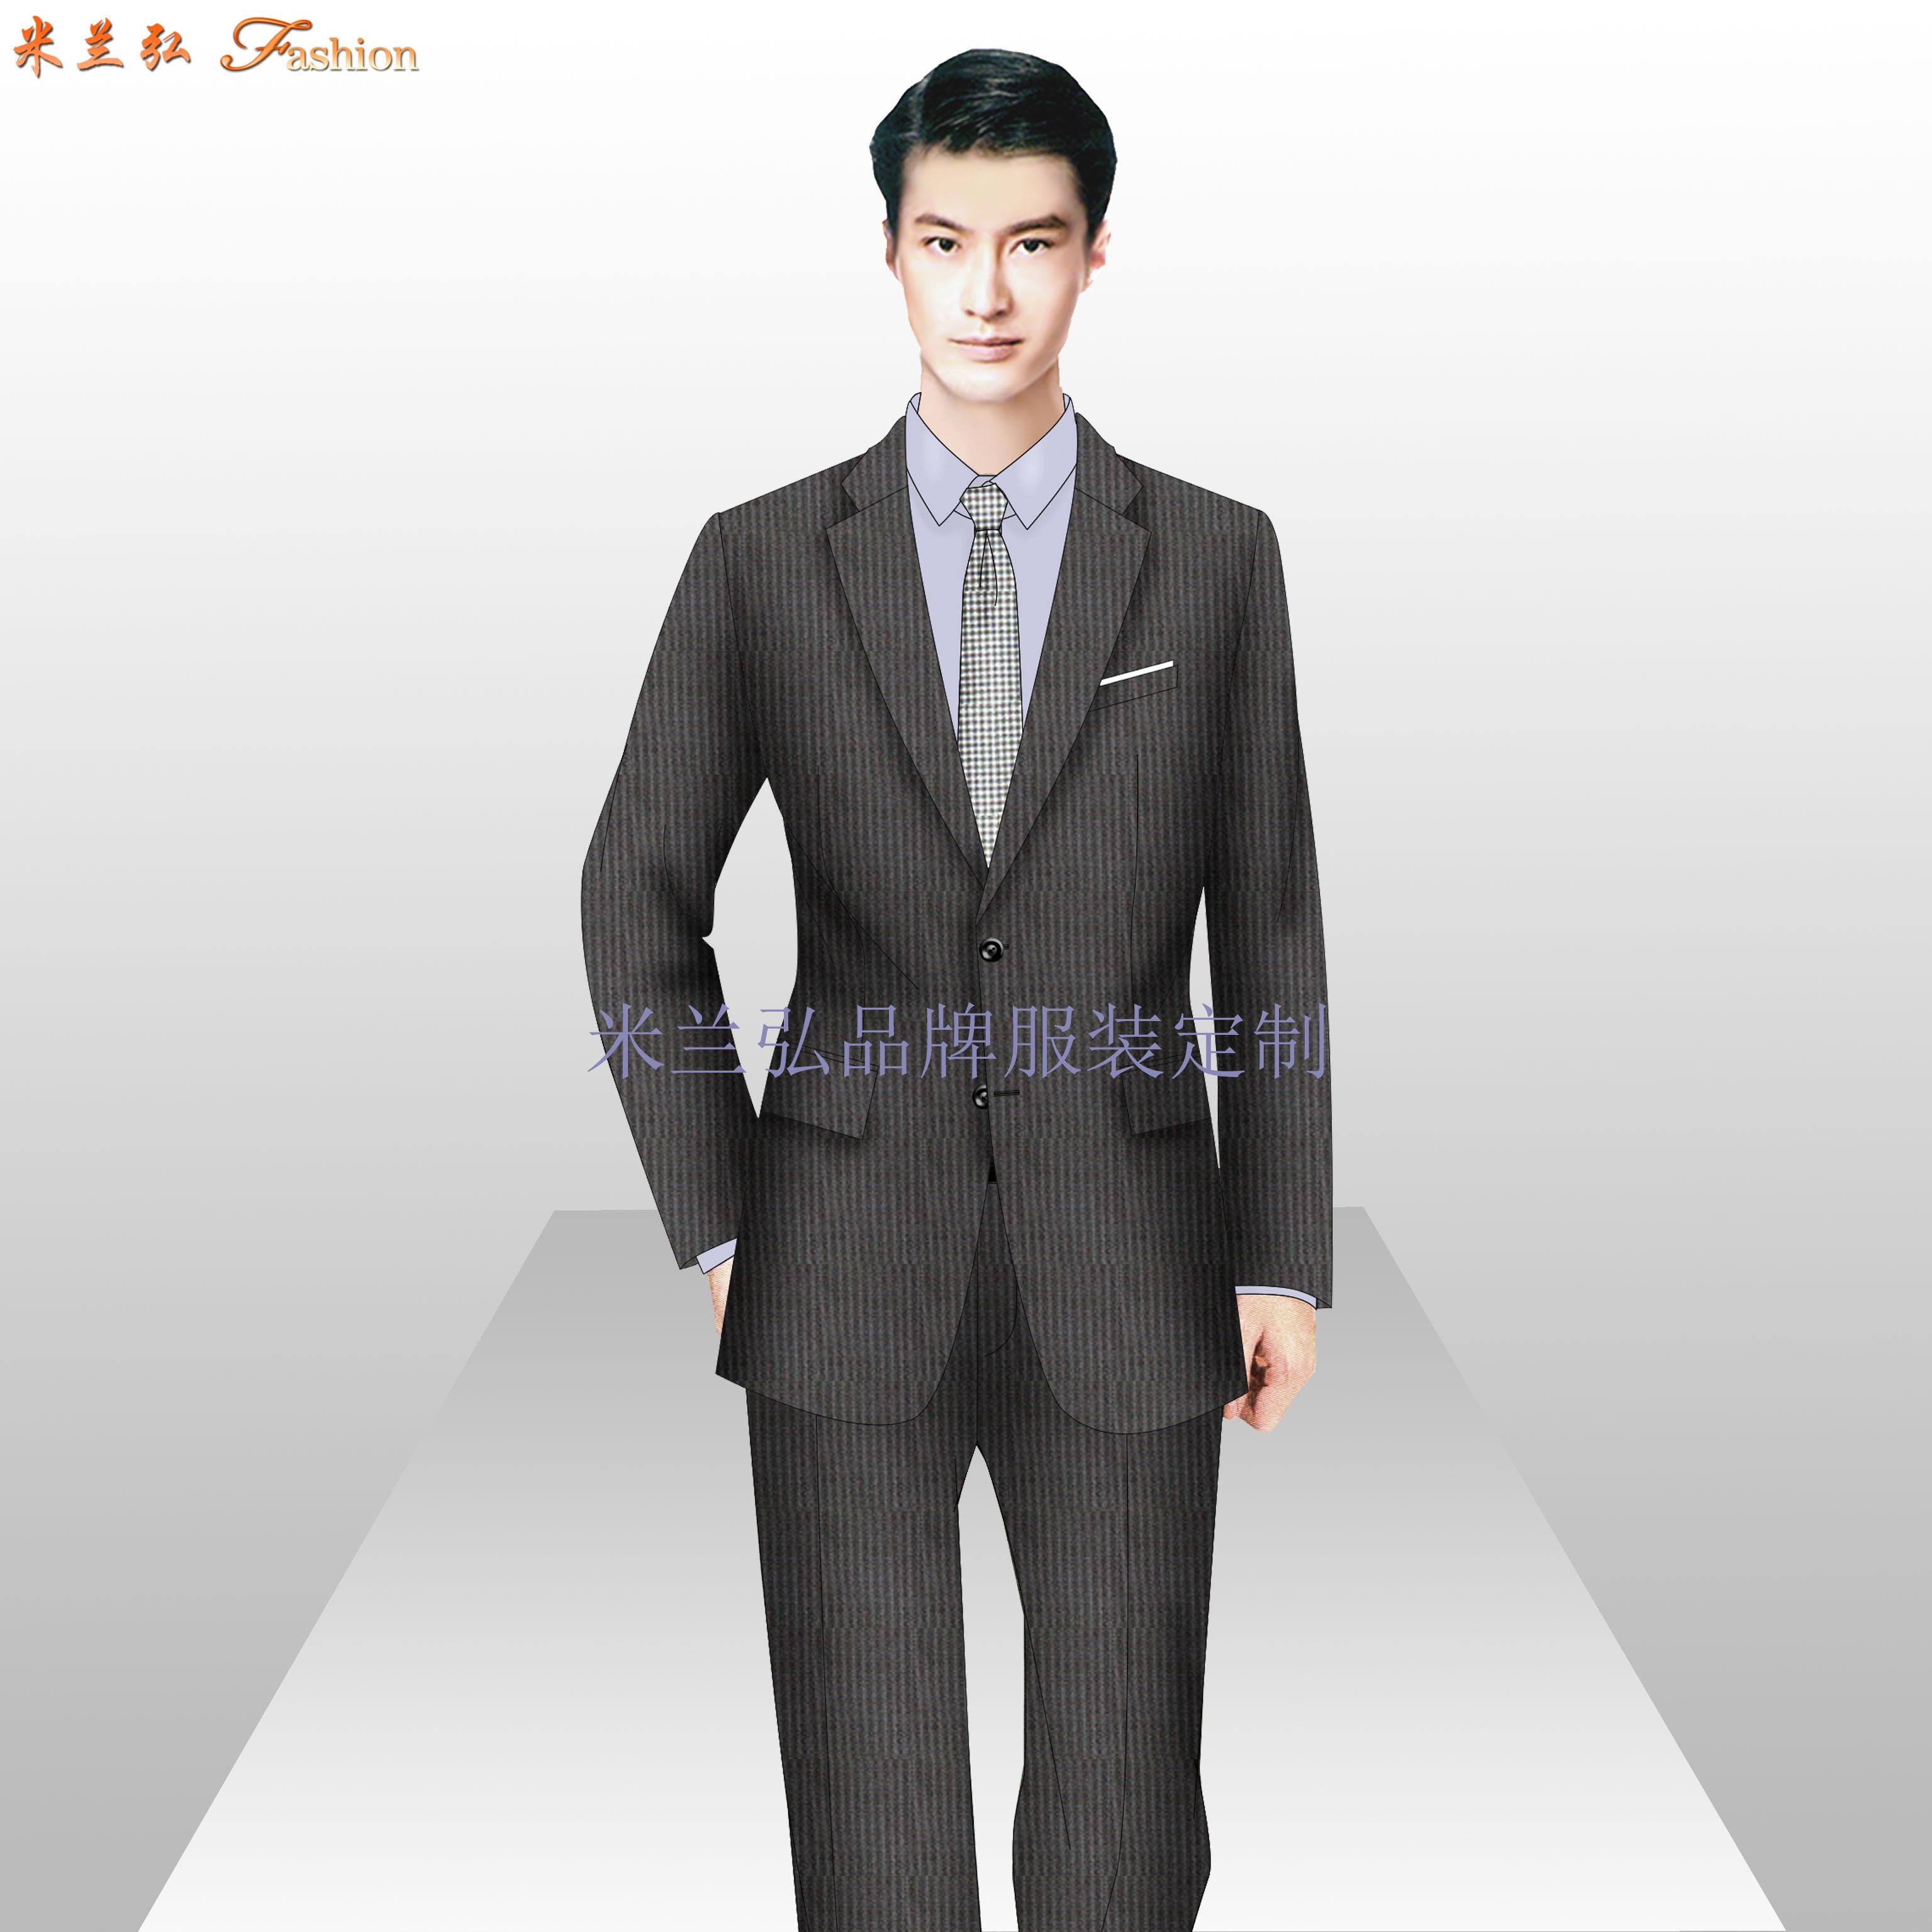 北京西服訂做_北京西服定制_北京西裝定做-米蘭弘服裝-5